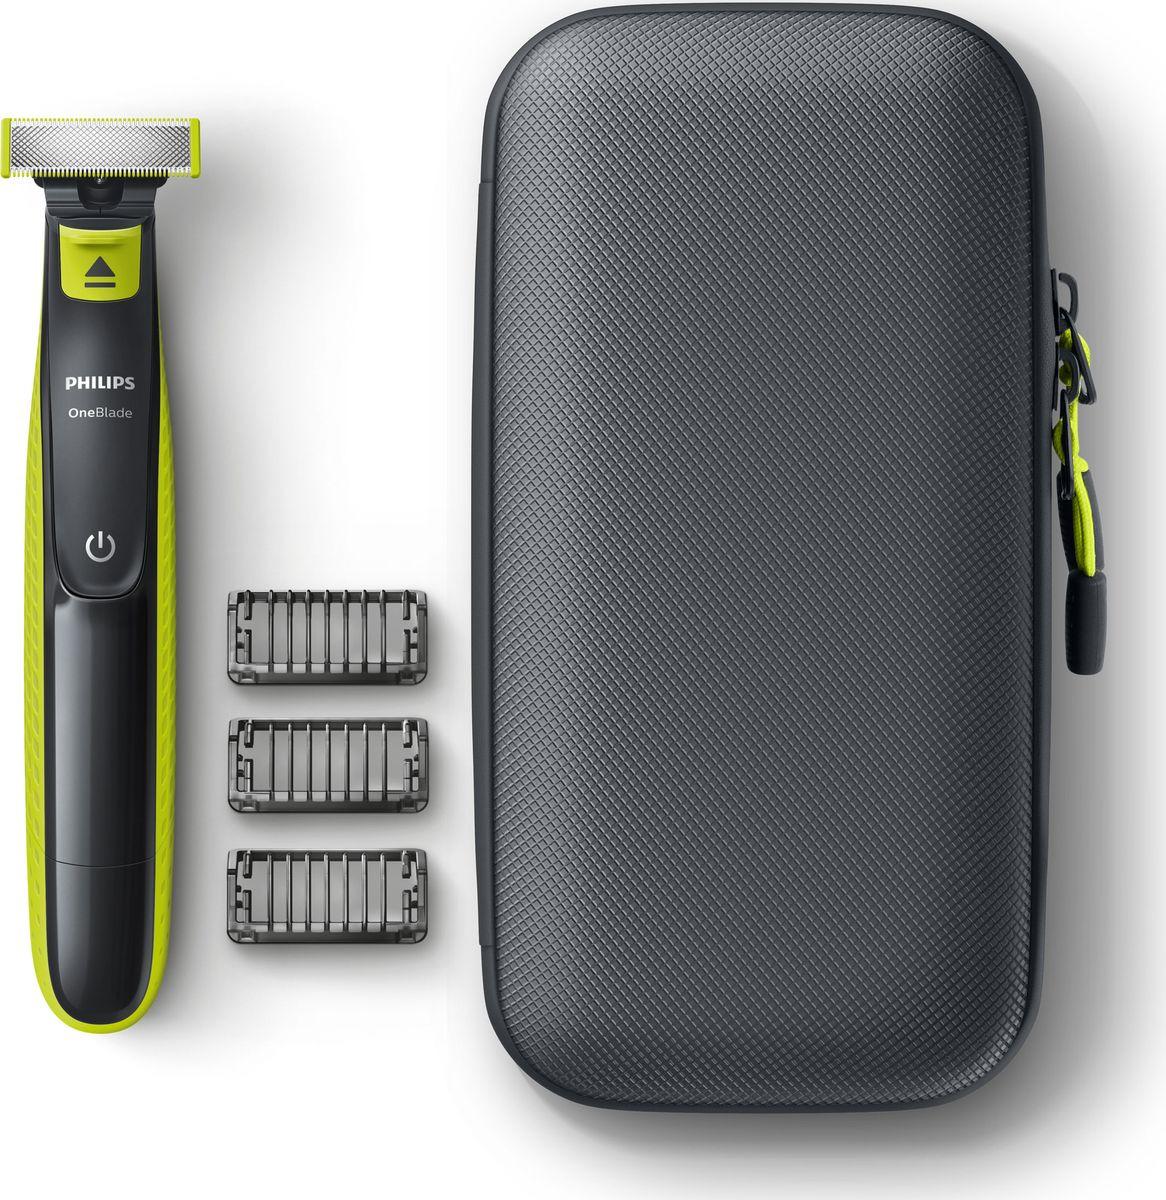 Триммер для бороды и усов Philips OneBlade, QP2520/64, черный, зеленый аксессуар сменное лезвие philips qp210 oneblade oneblade pro 1шт